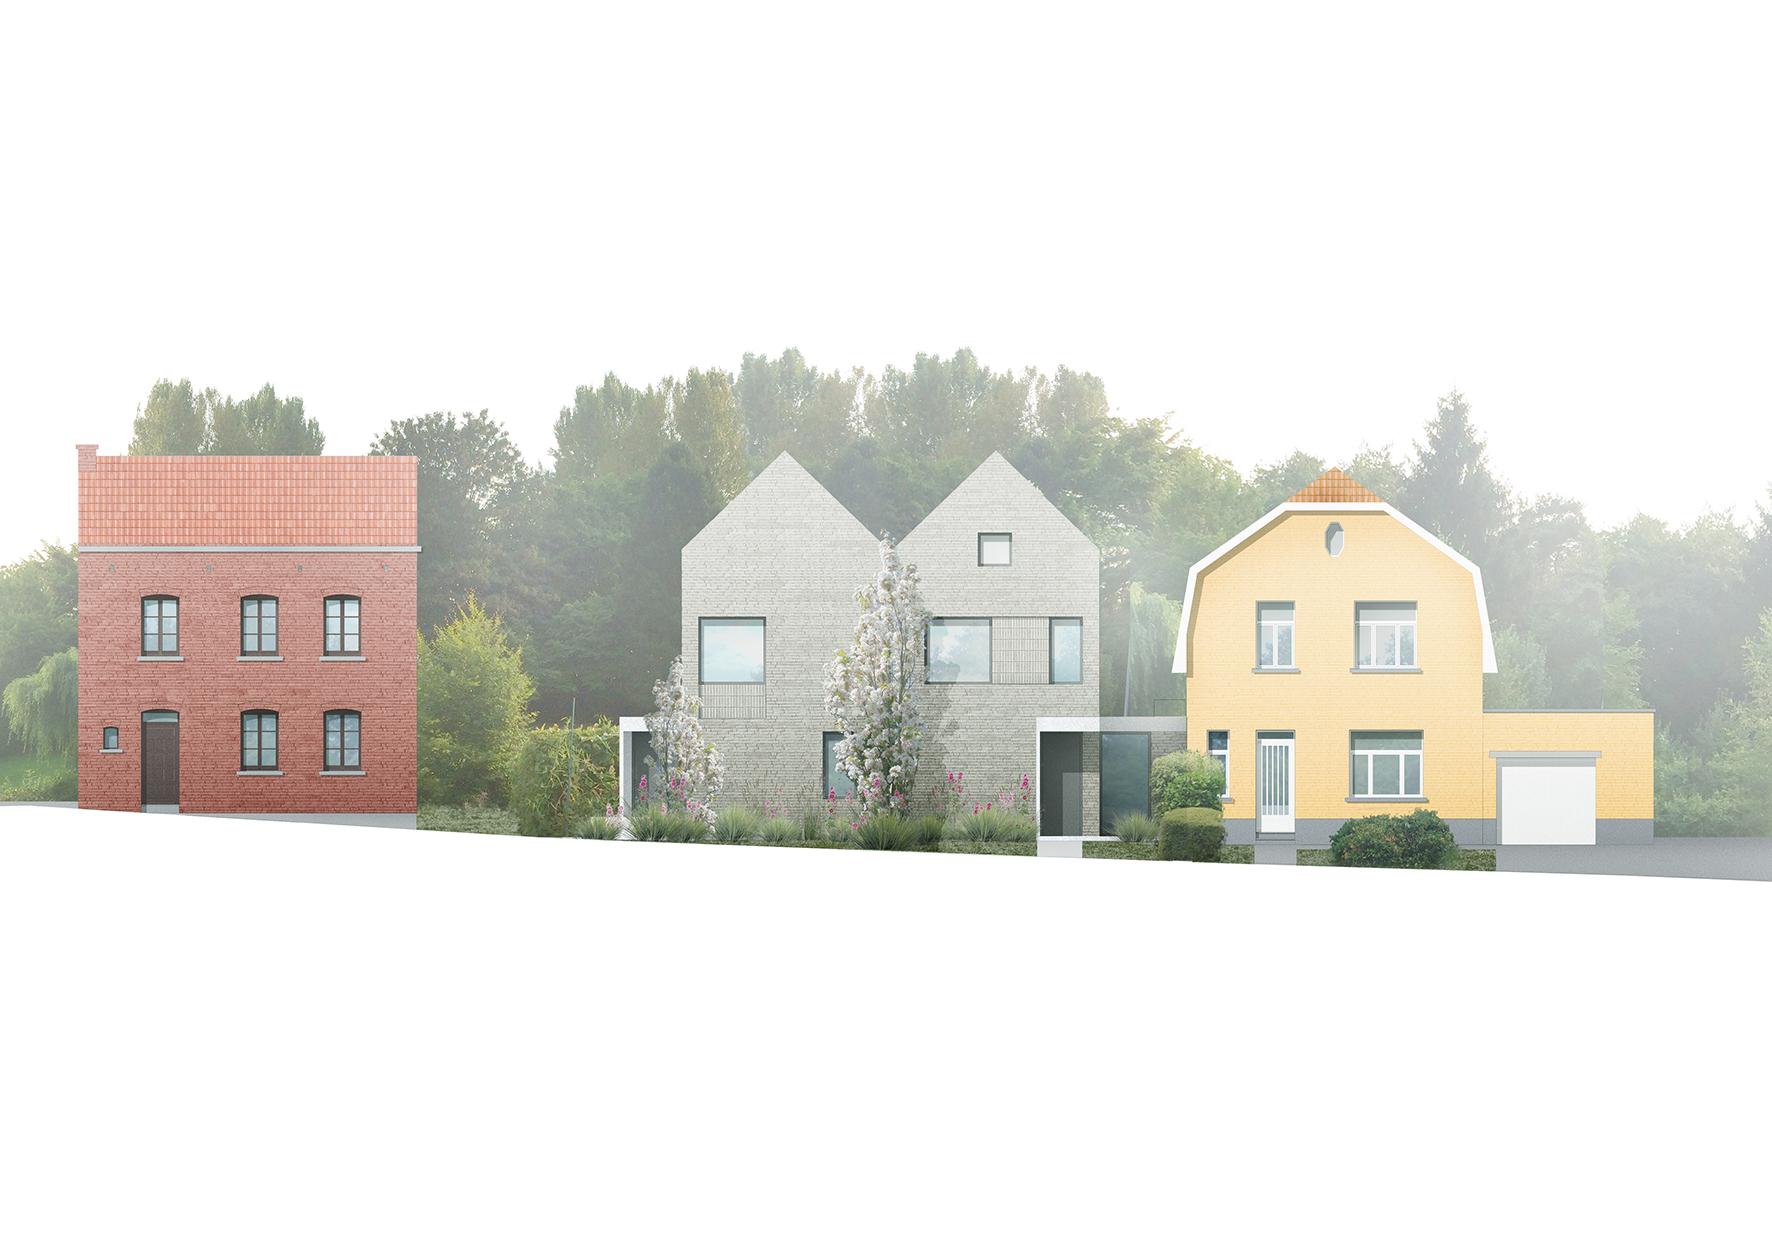 Hyle024 160831 facade 1